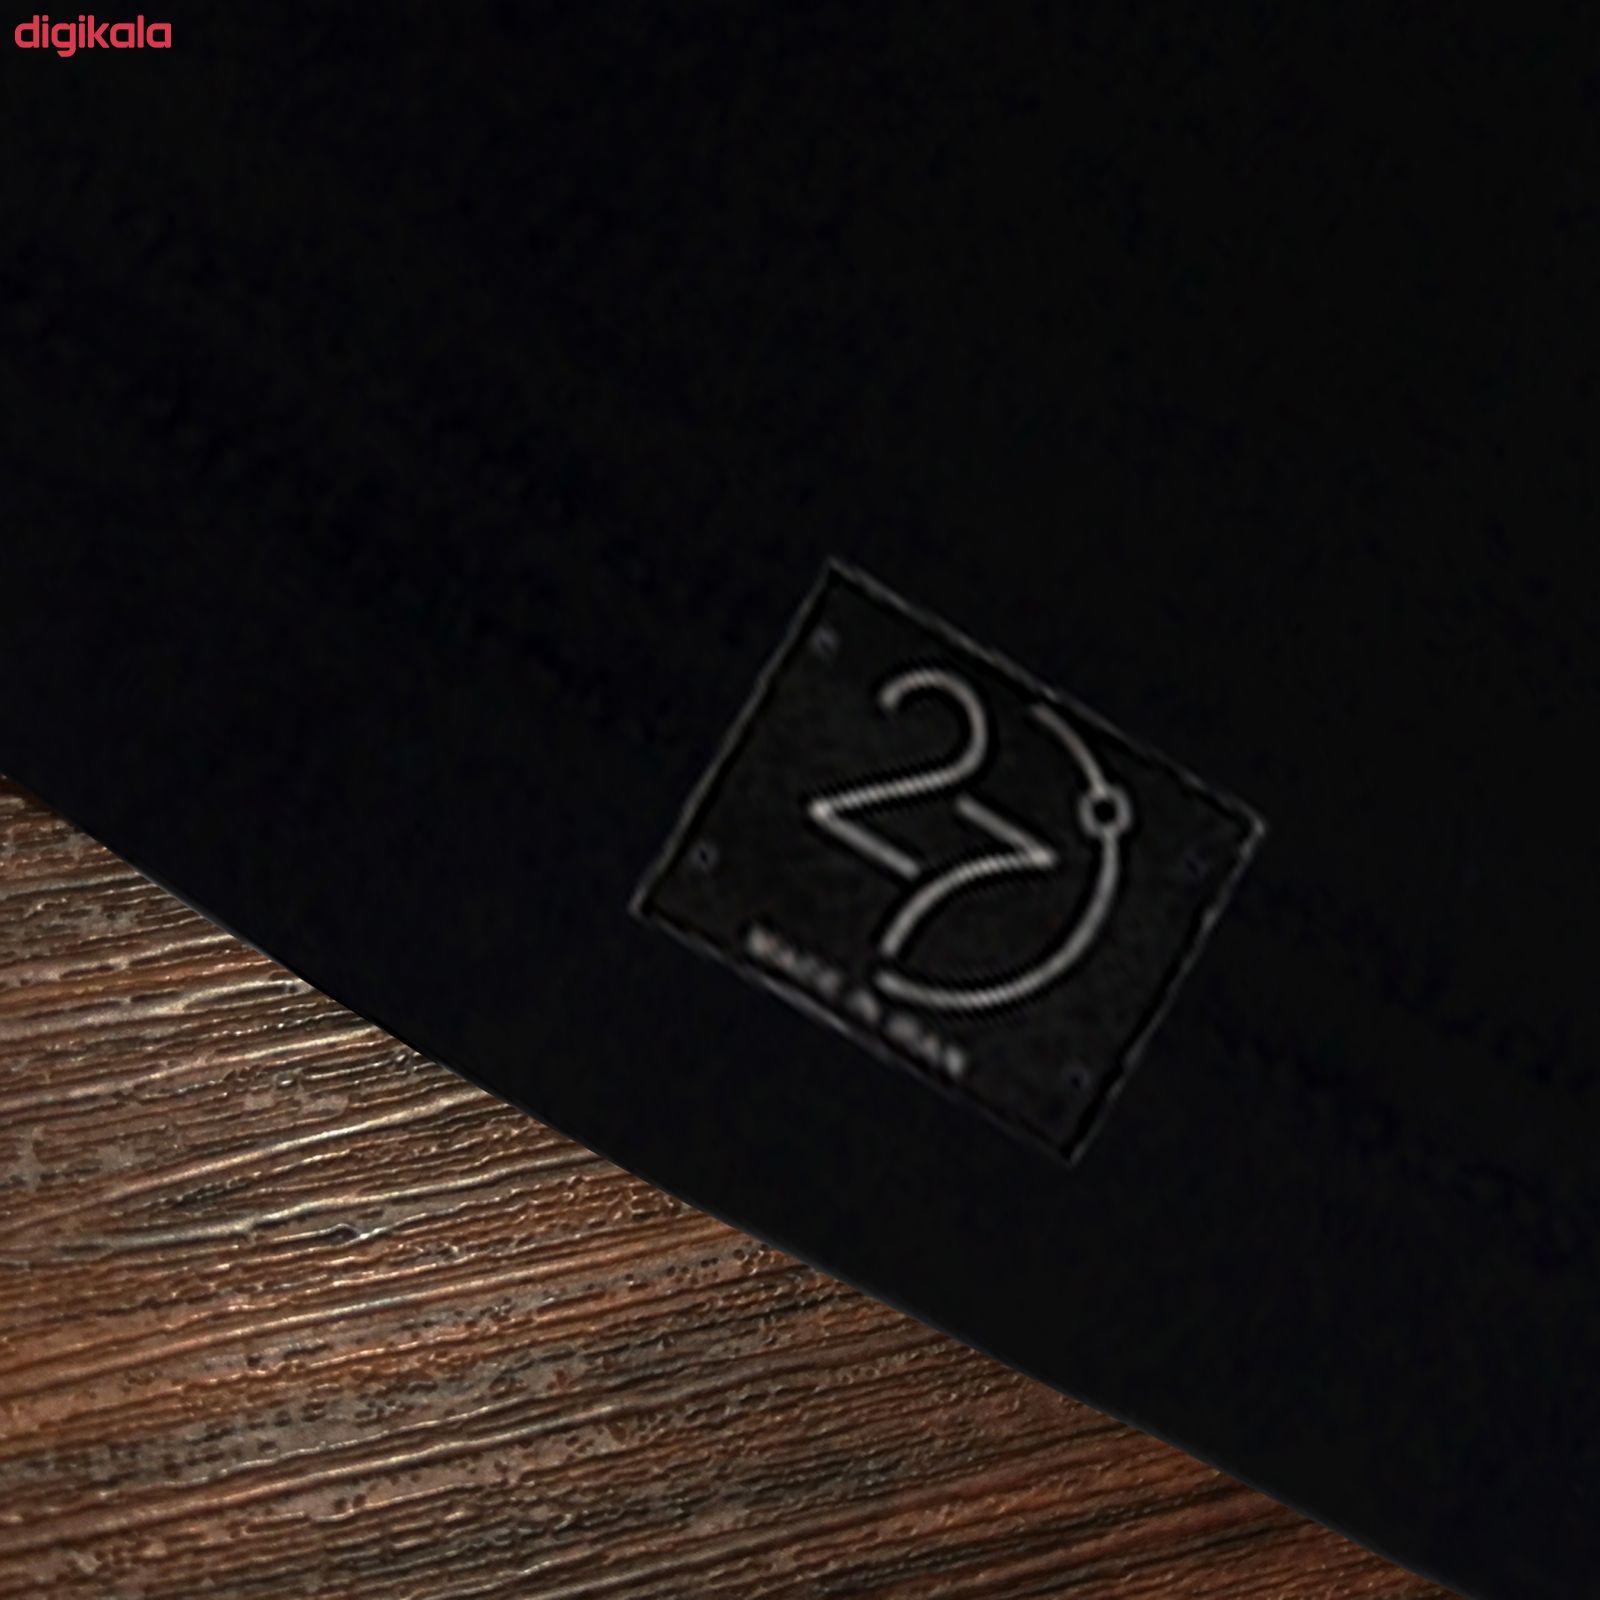 تی شرت آستین کوتاه مردانه 27 طرح World کد TR02 رنگ مشکی main 1 3